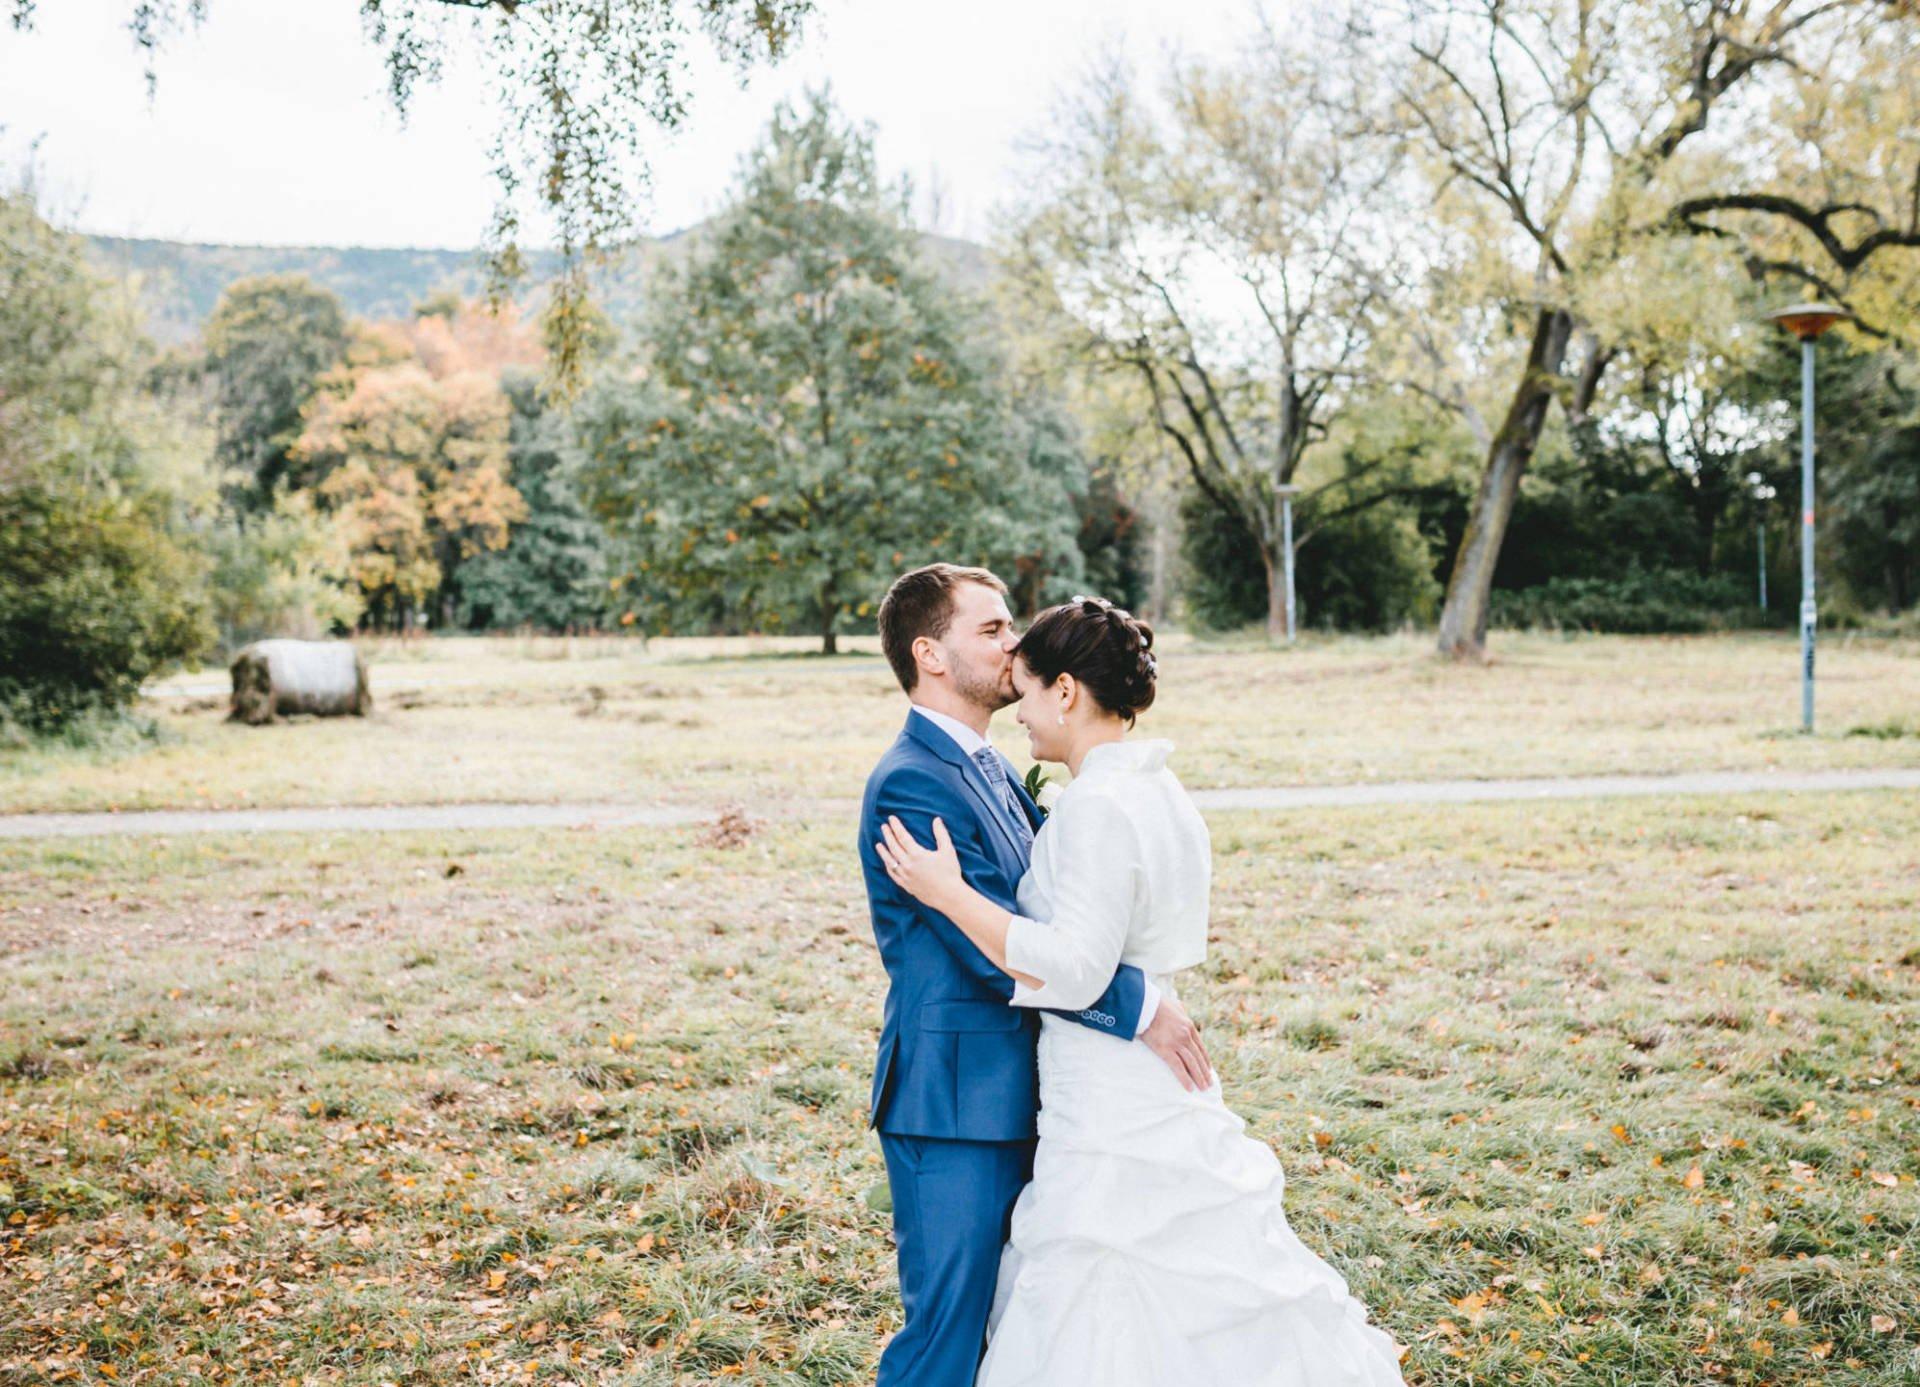 Hochzeitsreportage | Hochzeit im Paradies Jena | 5